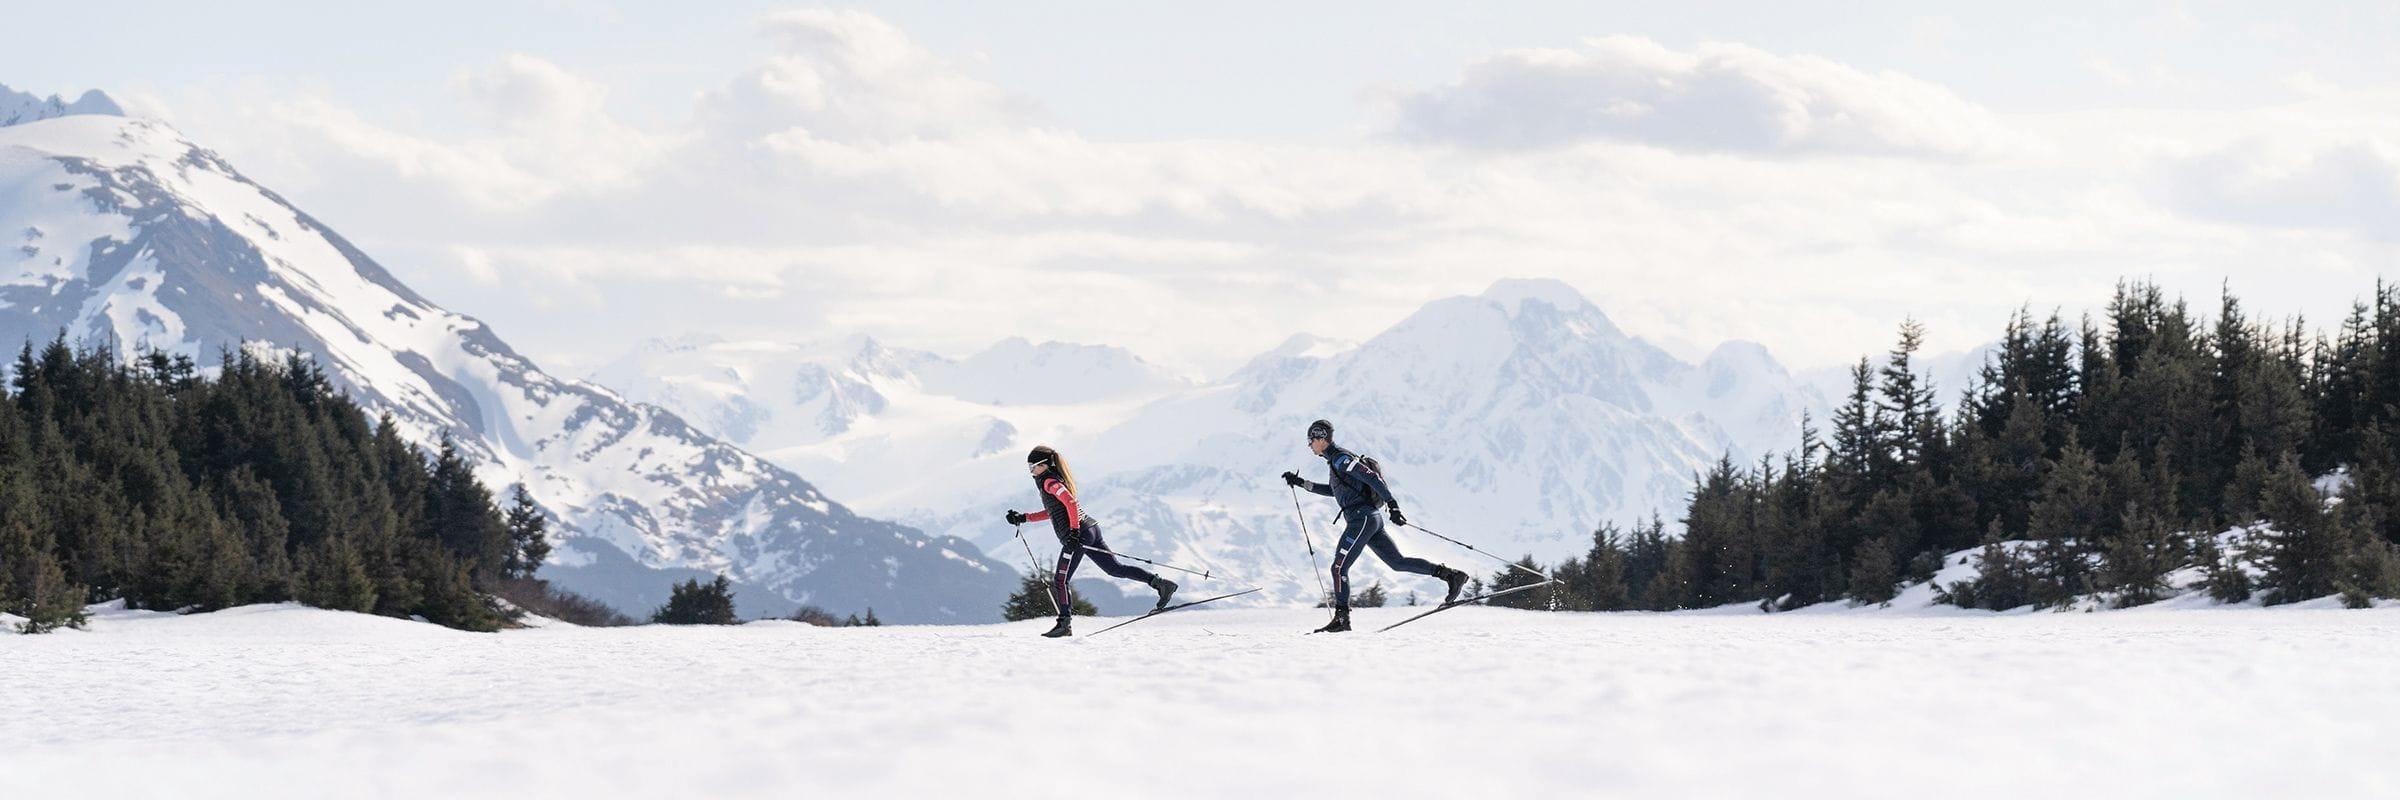 Comment s'habiller pour faire du ski de fond